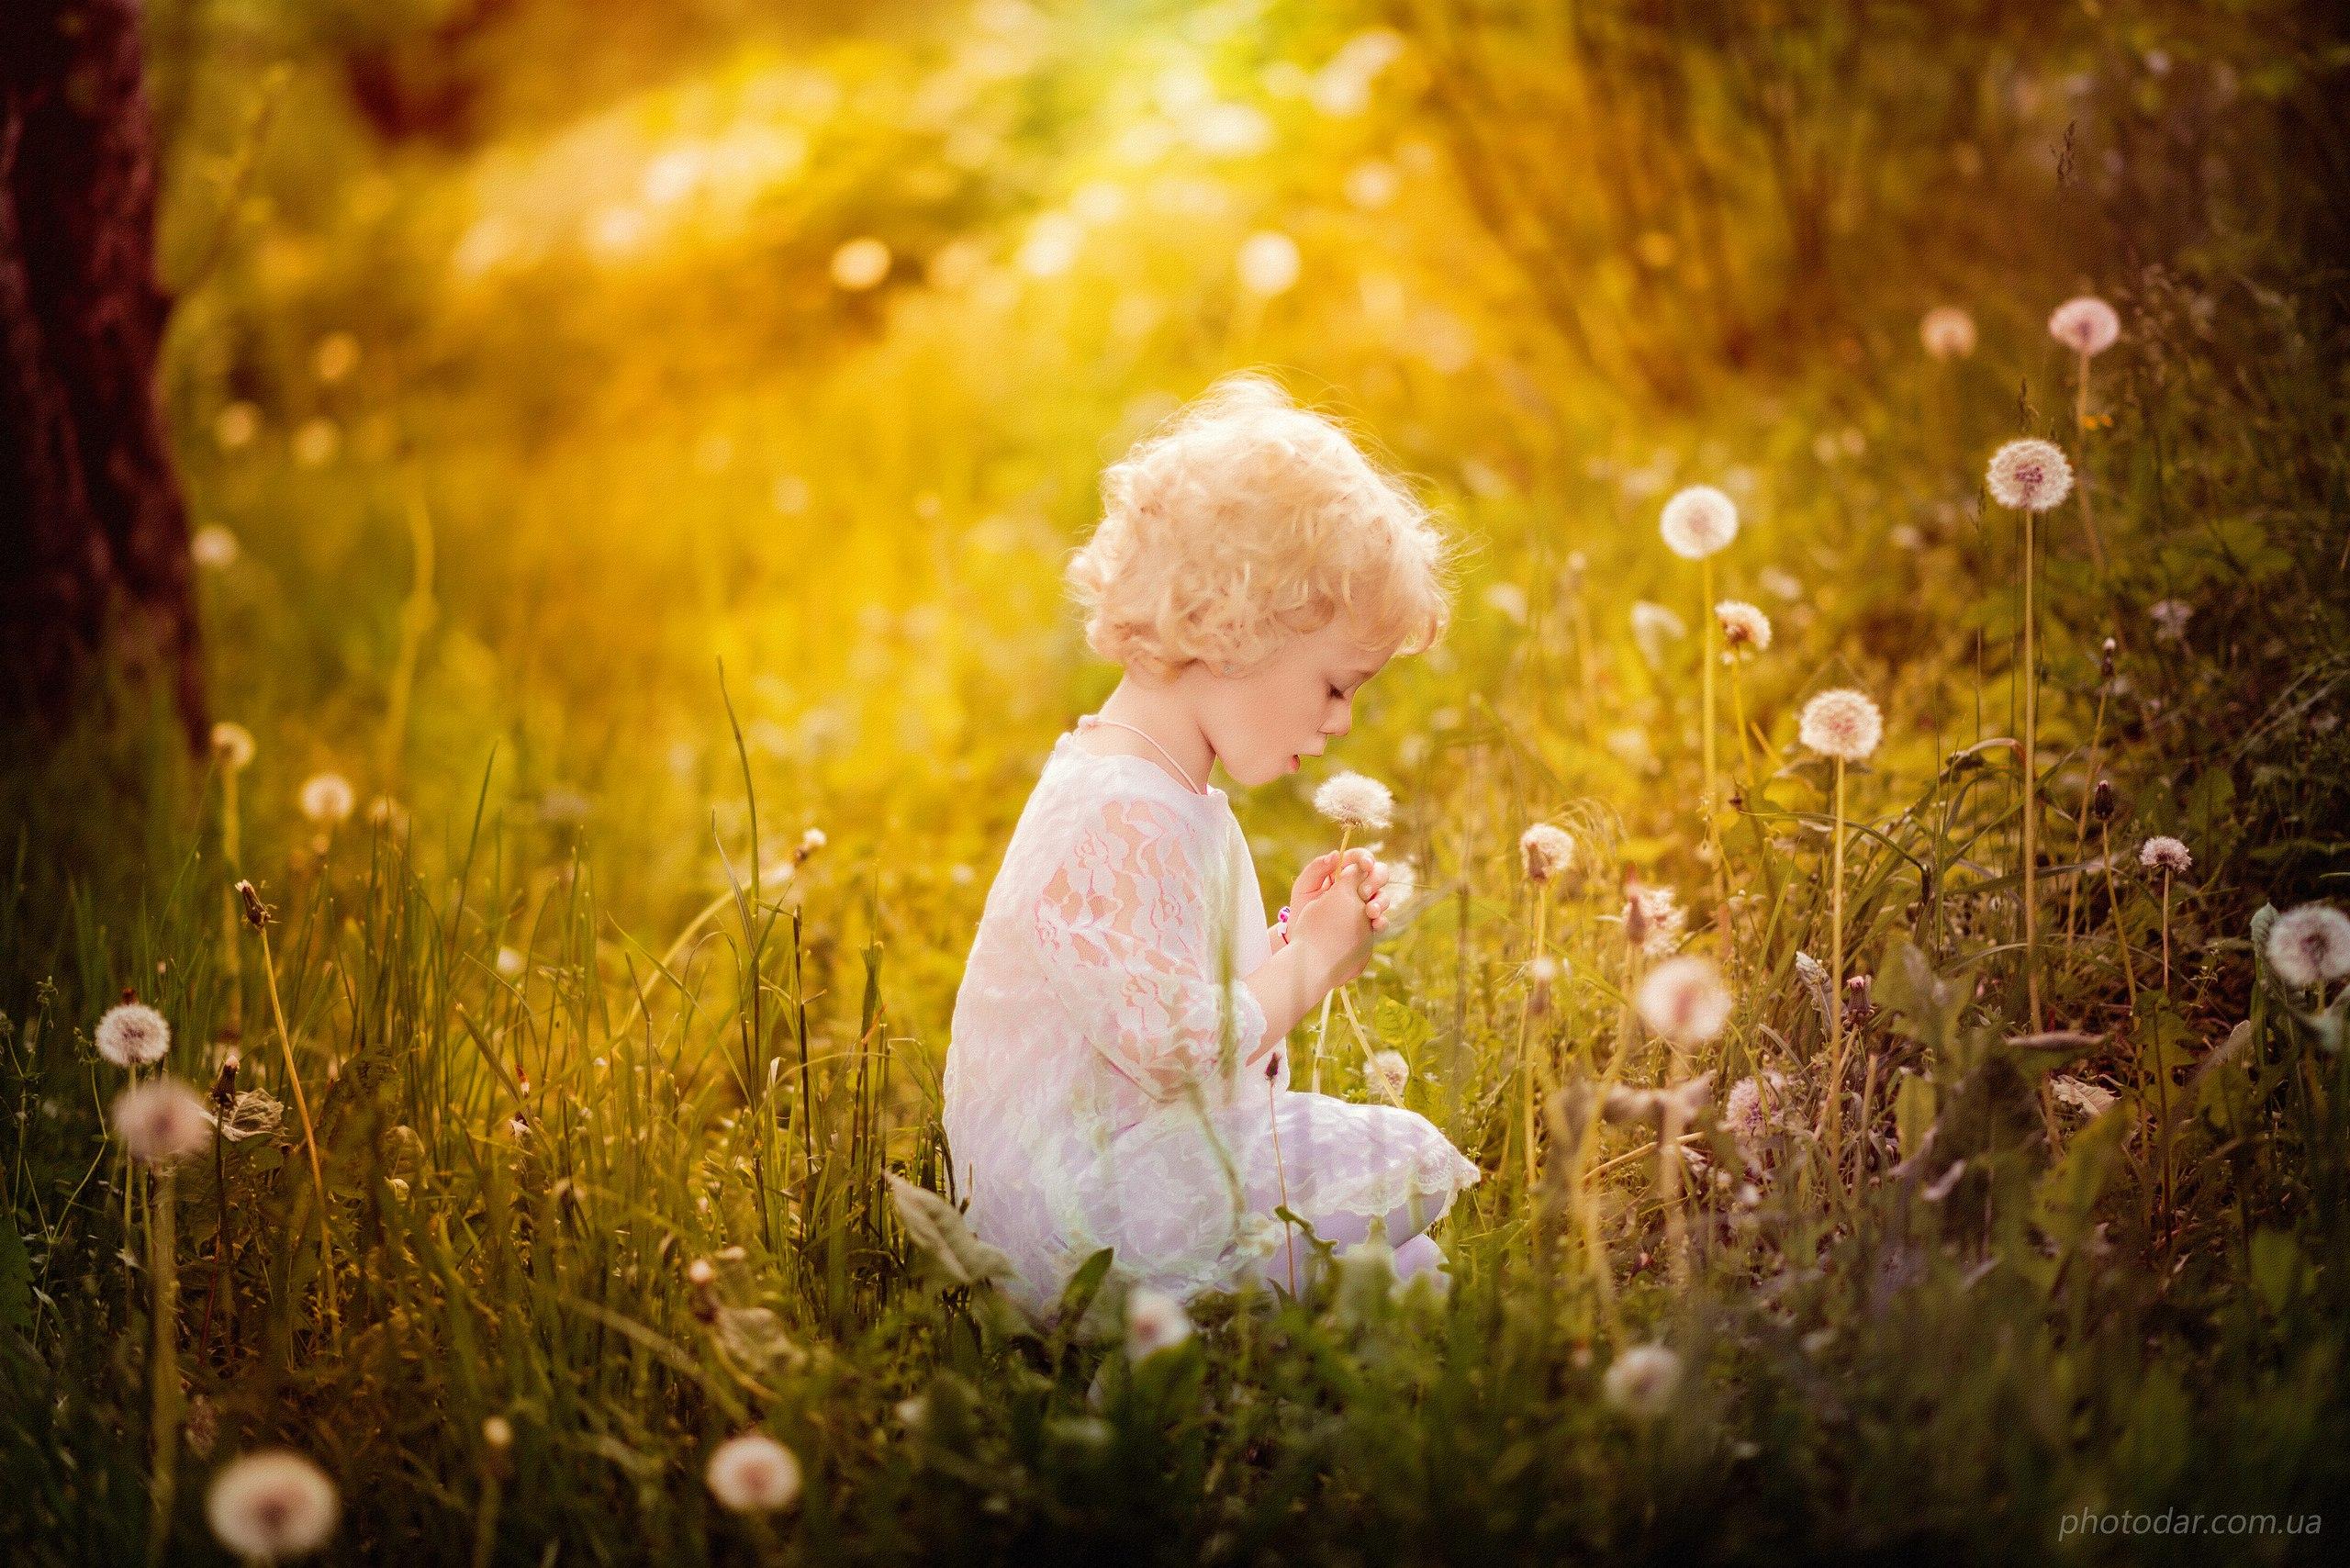 Дети - наш смысл жизни....